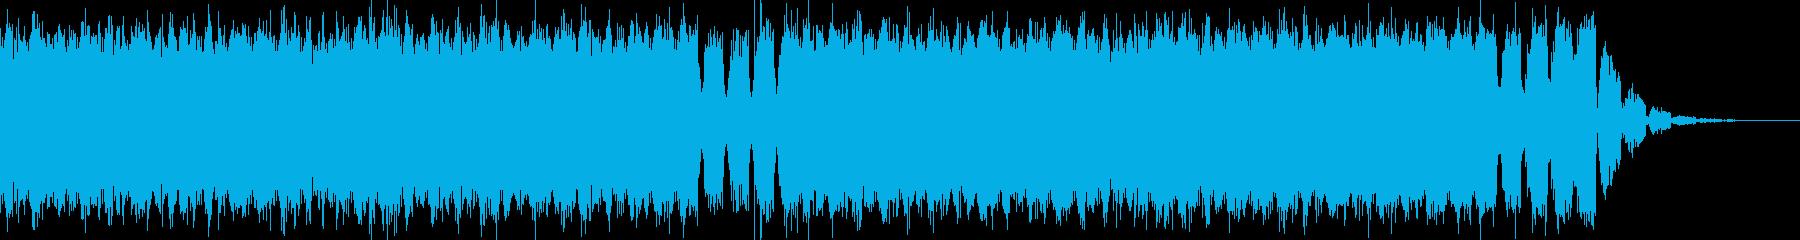 明るくて壮大なEDMドロップ-No.3の再生済みの波形